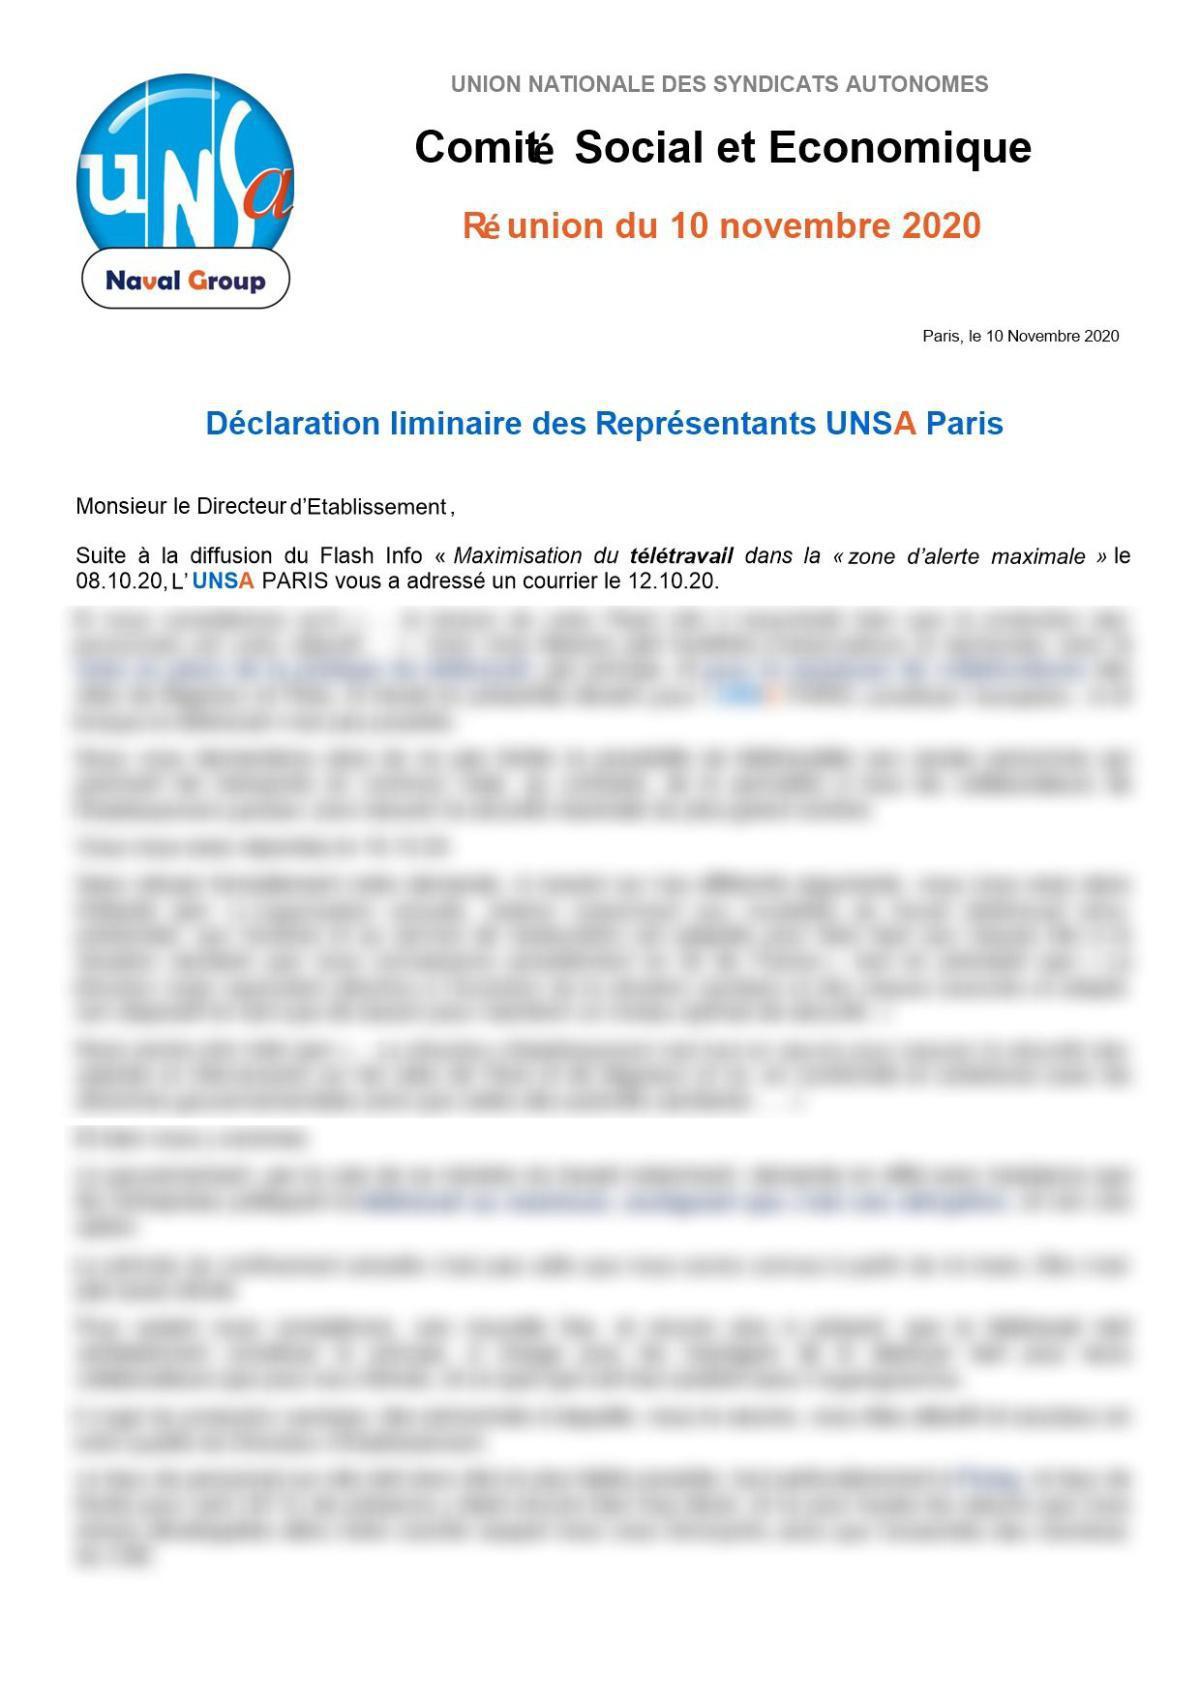 Déclaration liminaire des représentants UNSA Paris